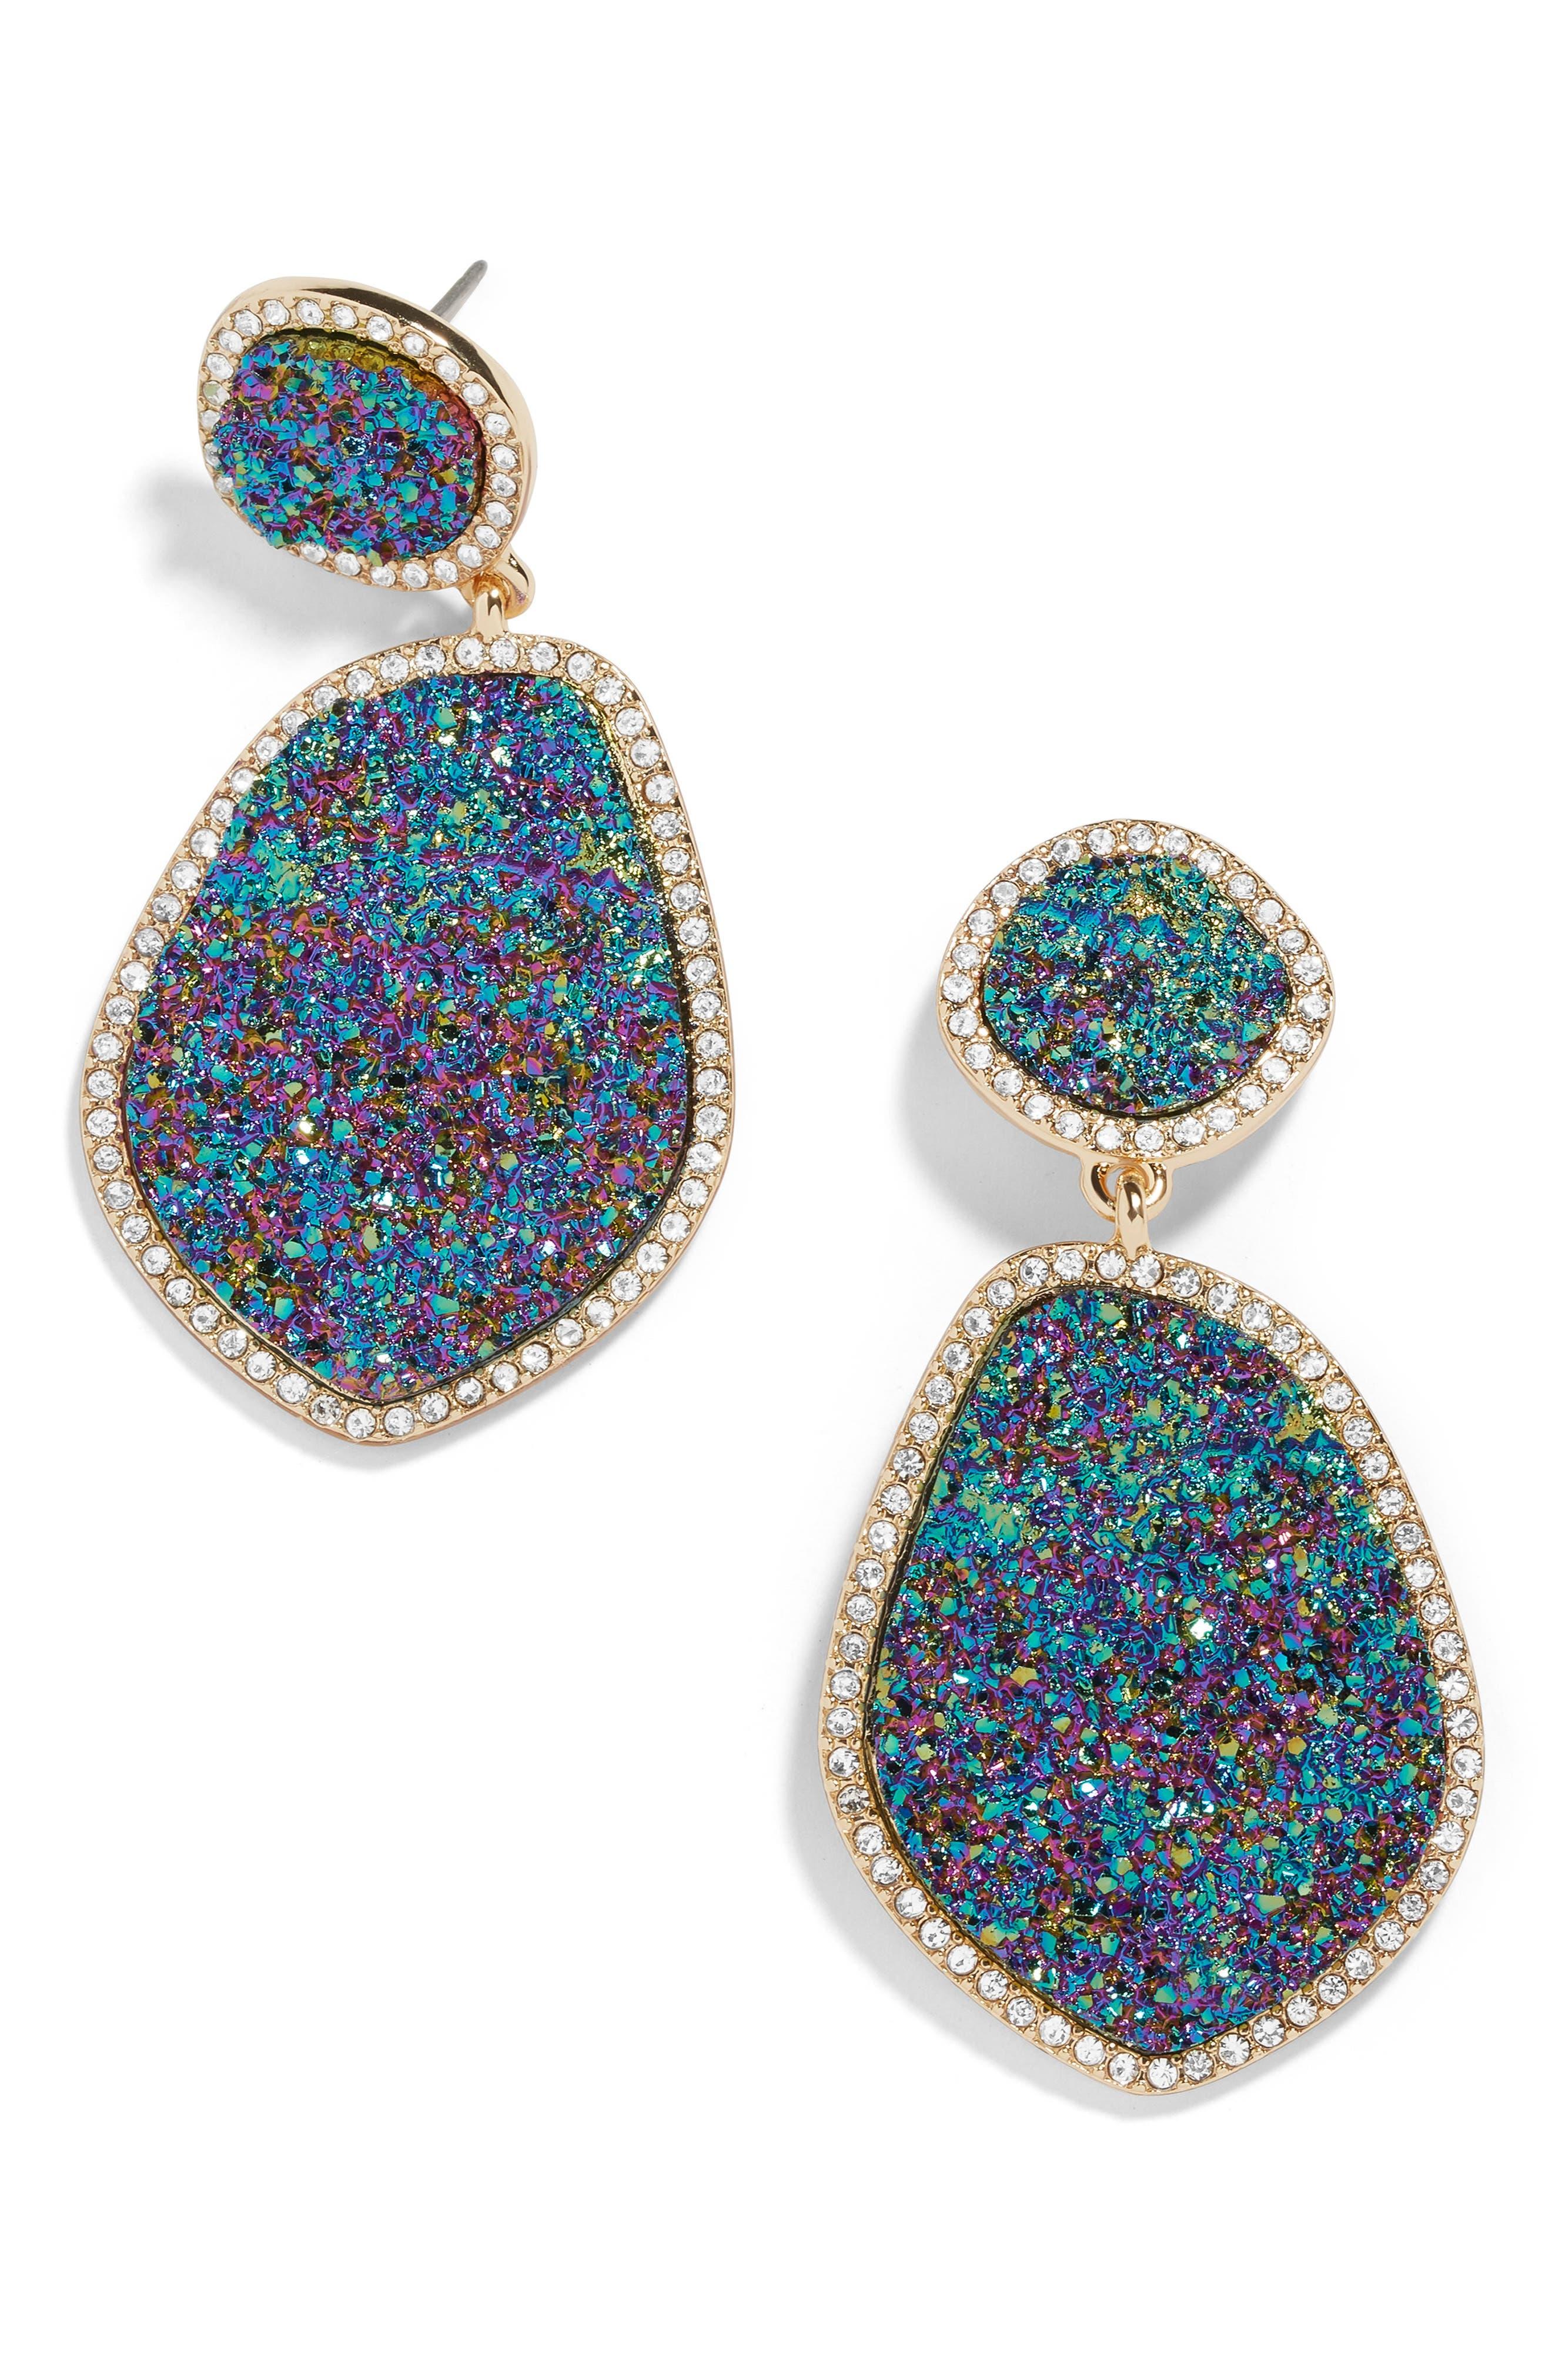 Vina Drop Earrings,                             Main thumbnail 1, color,                             OILSLICK